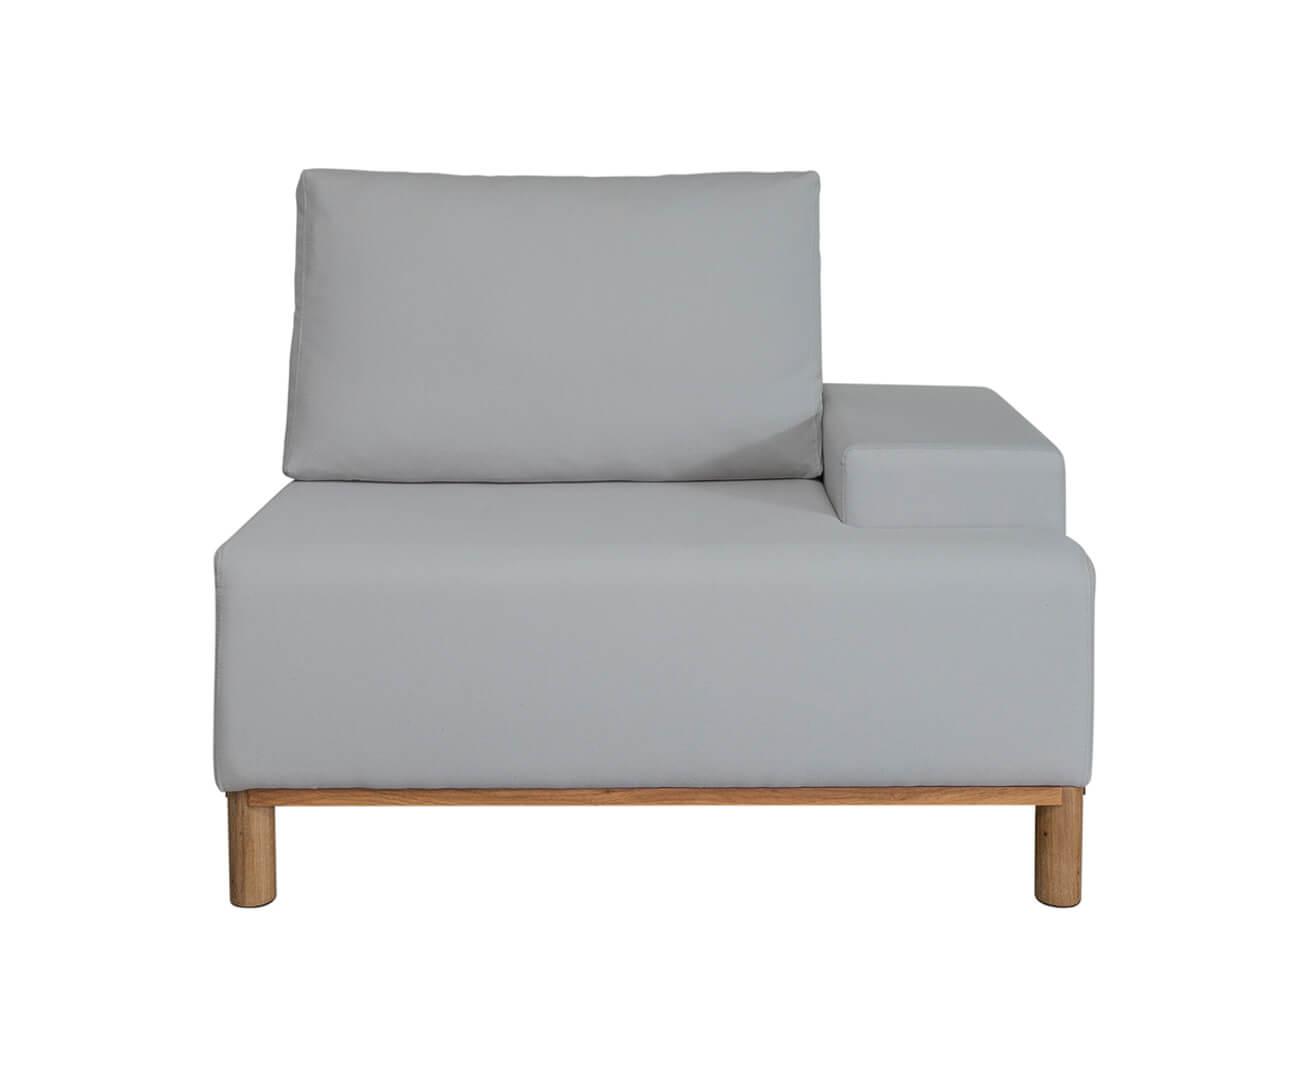 módulo com braço direito - sofá modular 203 1393